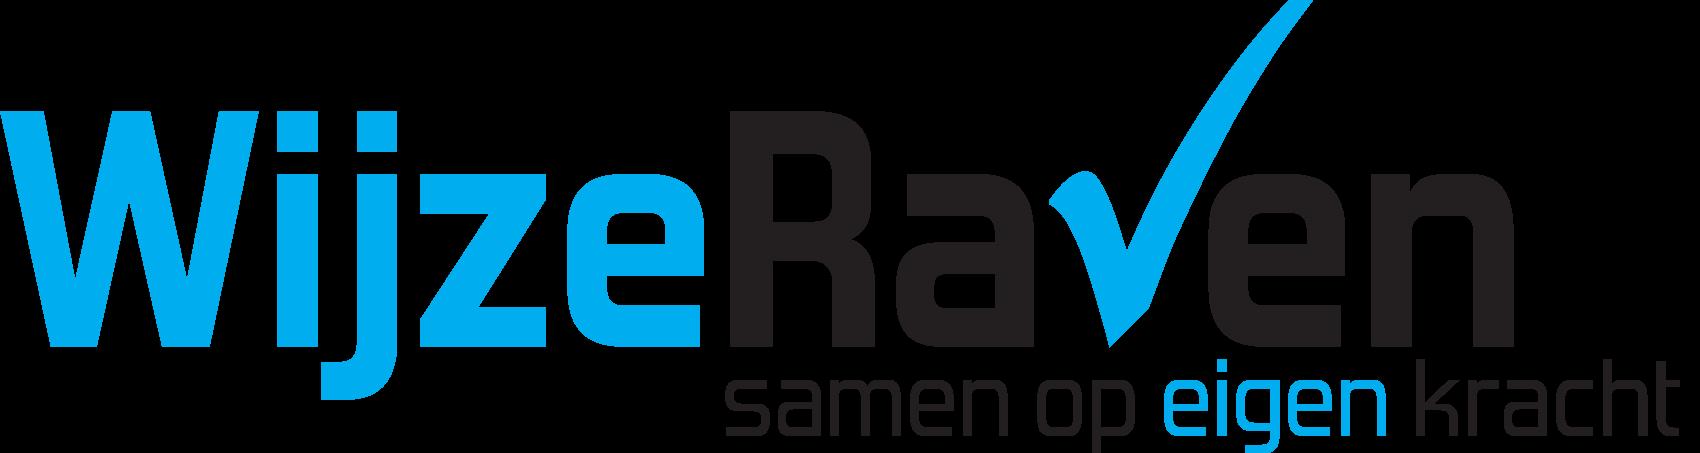 wijzeraven_logo_nieuw